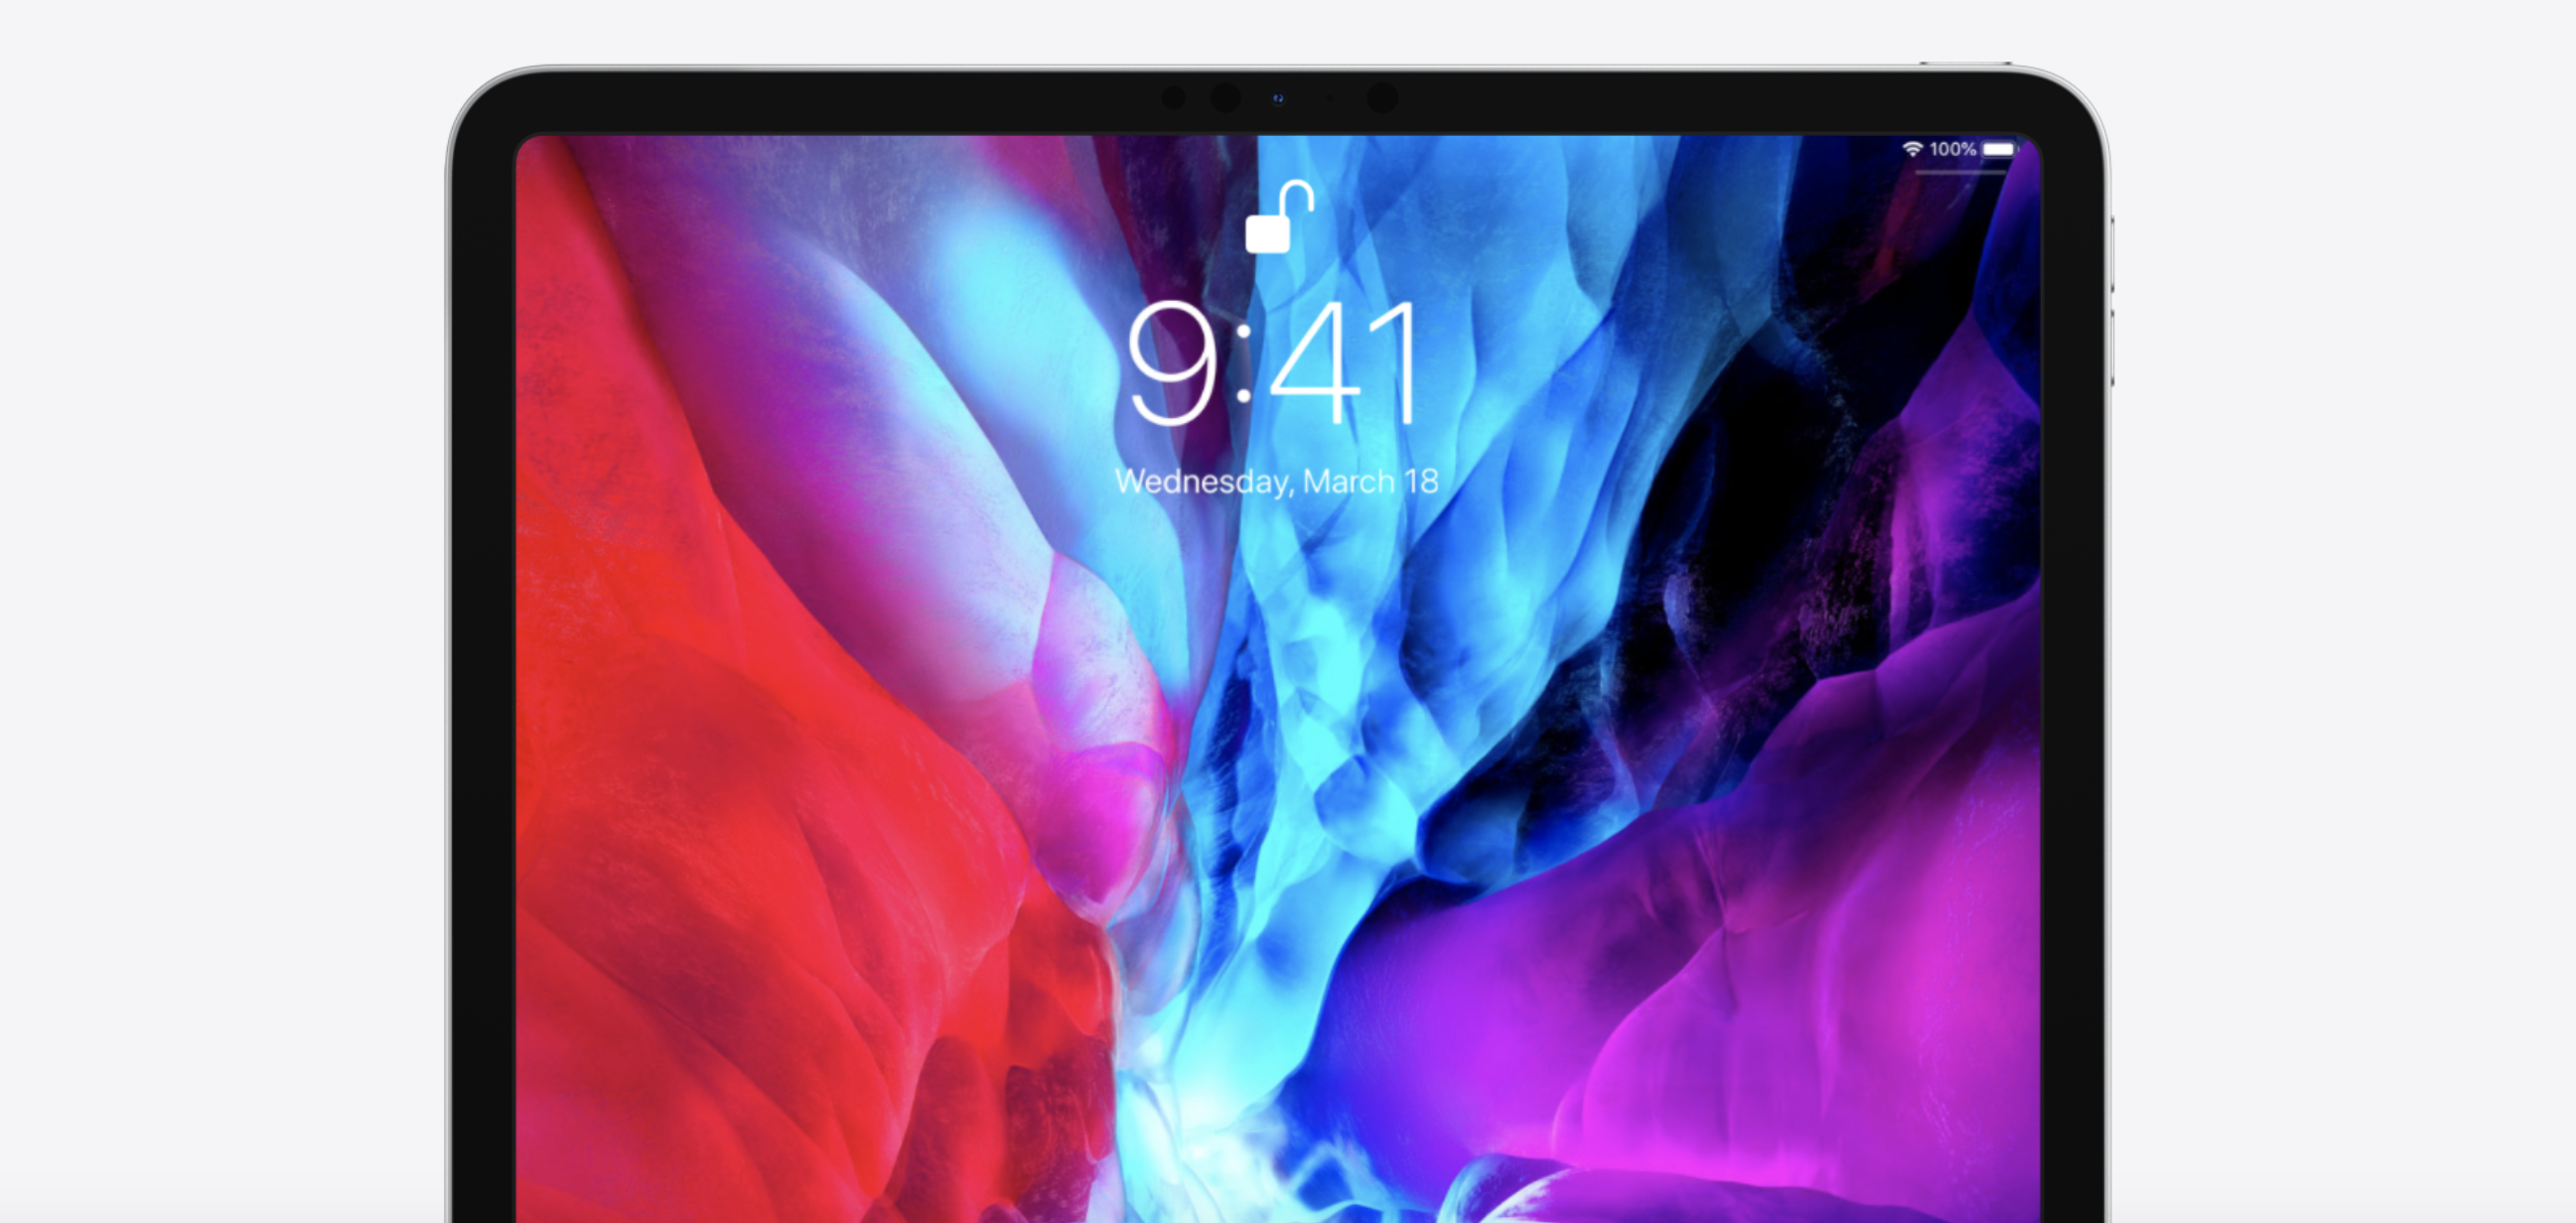 12.9-Inch iPad Pro With Mini-LED